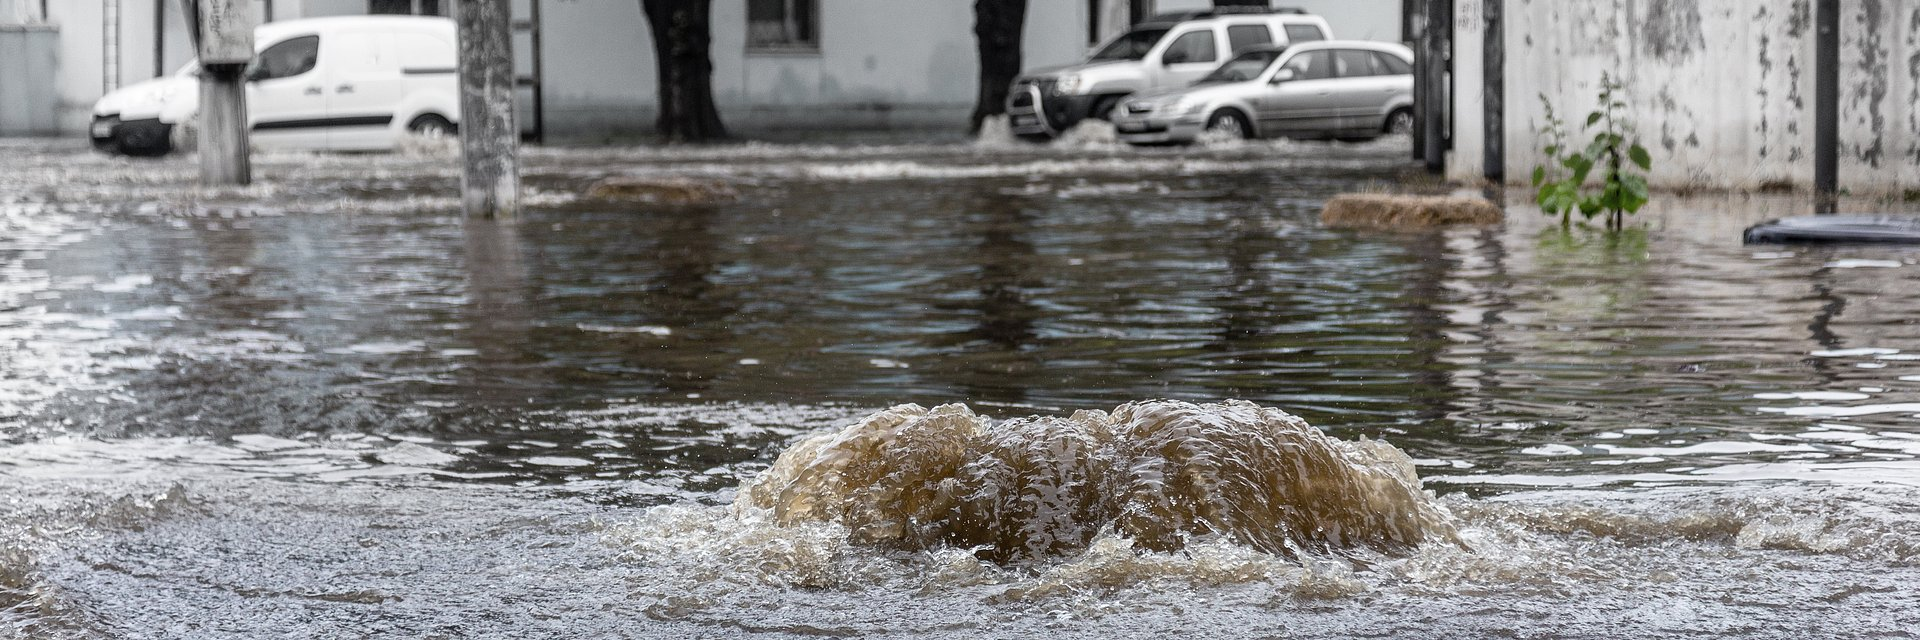 Zjawiska ekstremalne w Polsce. Adaptacja do zmian klimatu się opłaca